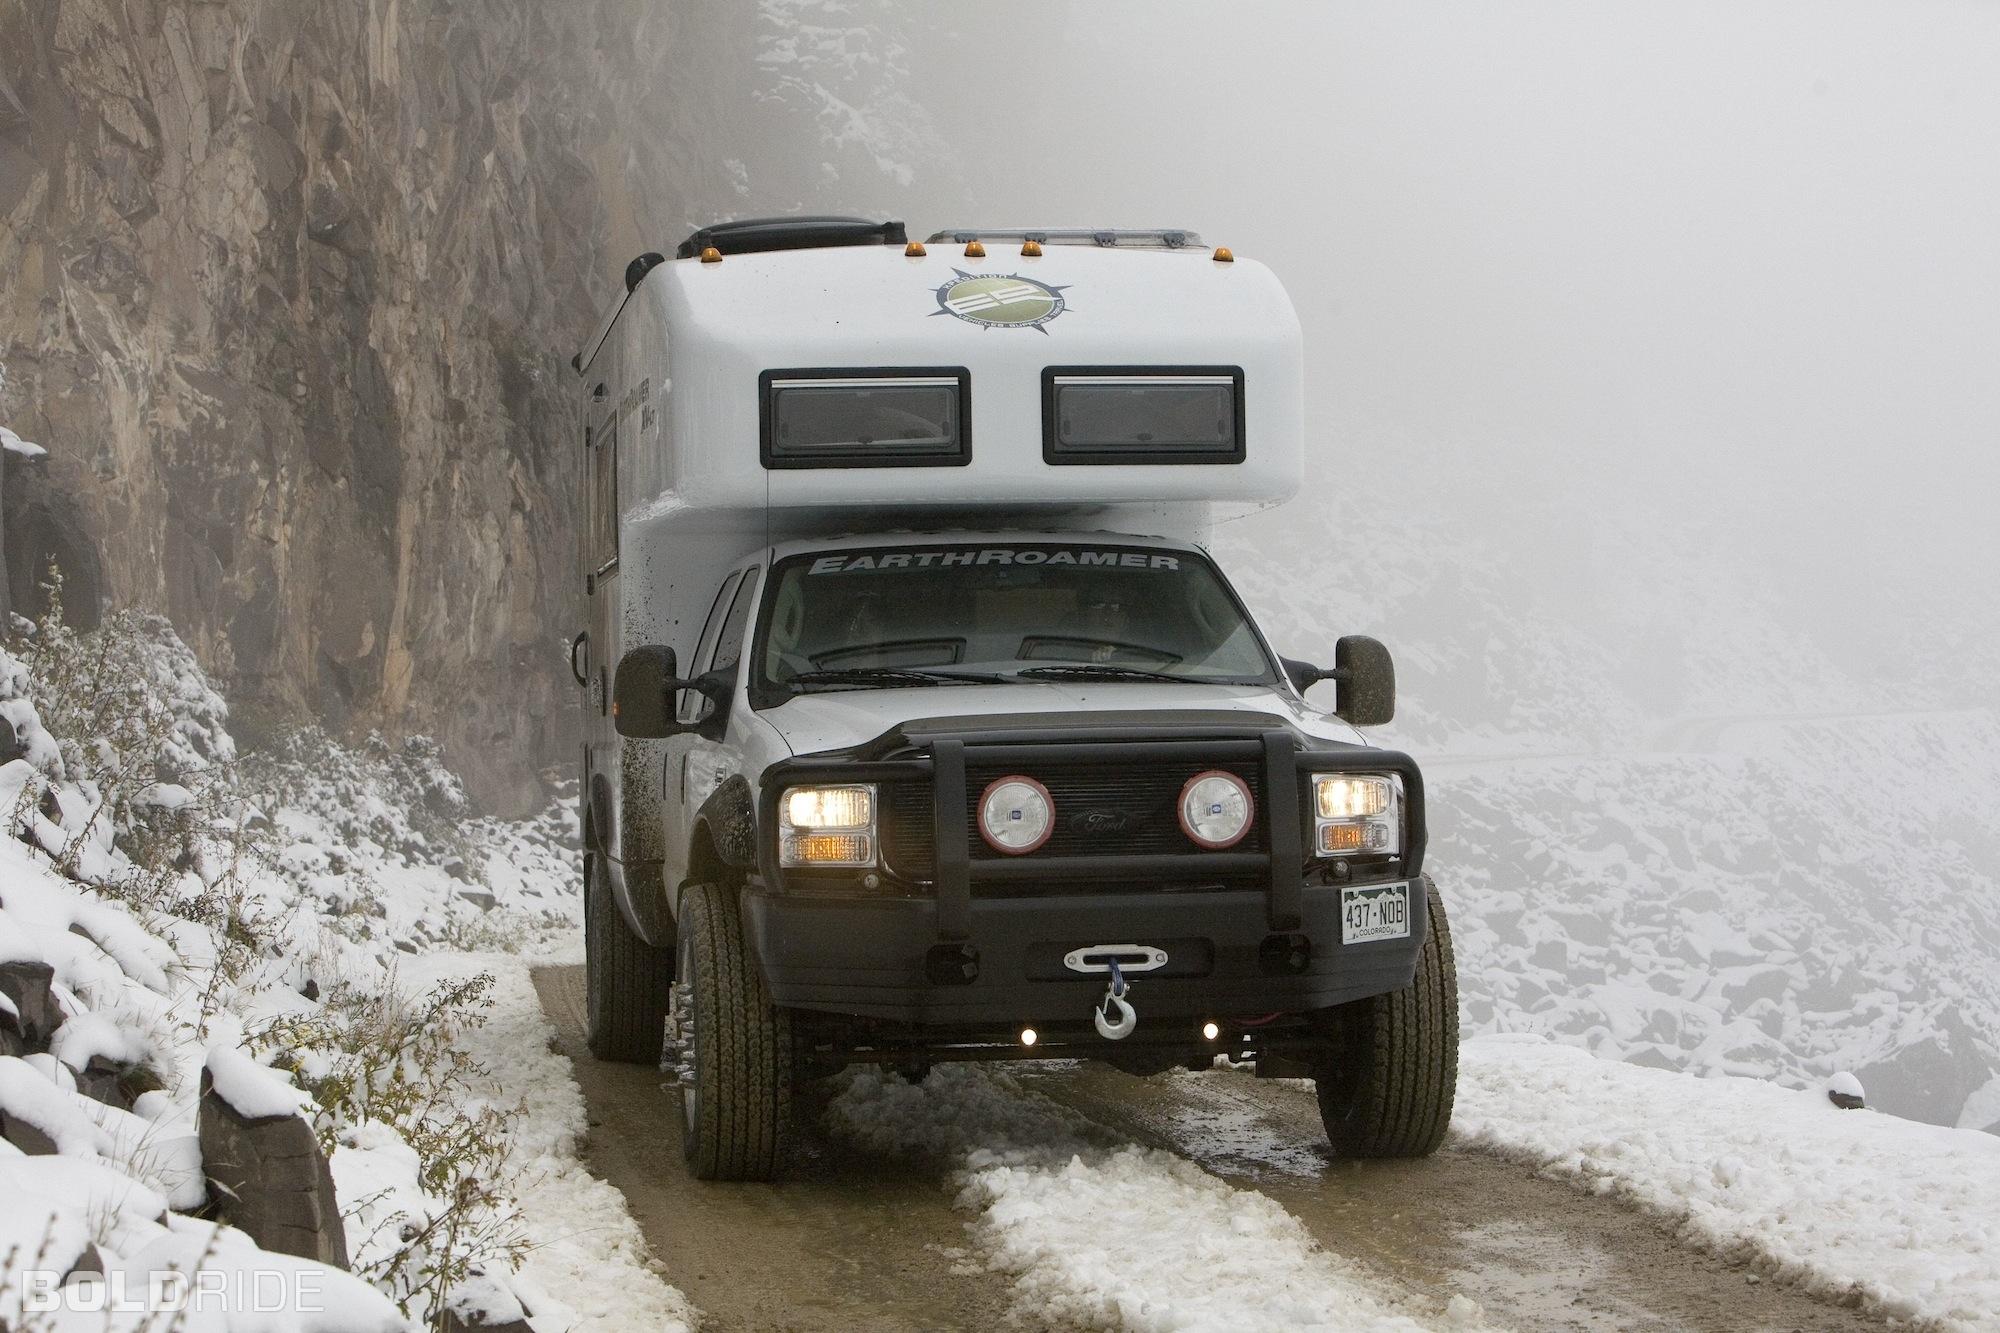 2013 Ford F 550 Xv Lt 4x4 Offroad Truck Camper D Wallpaper